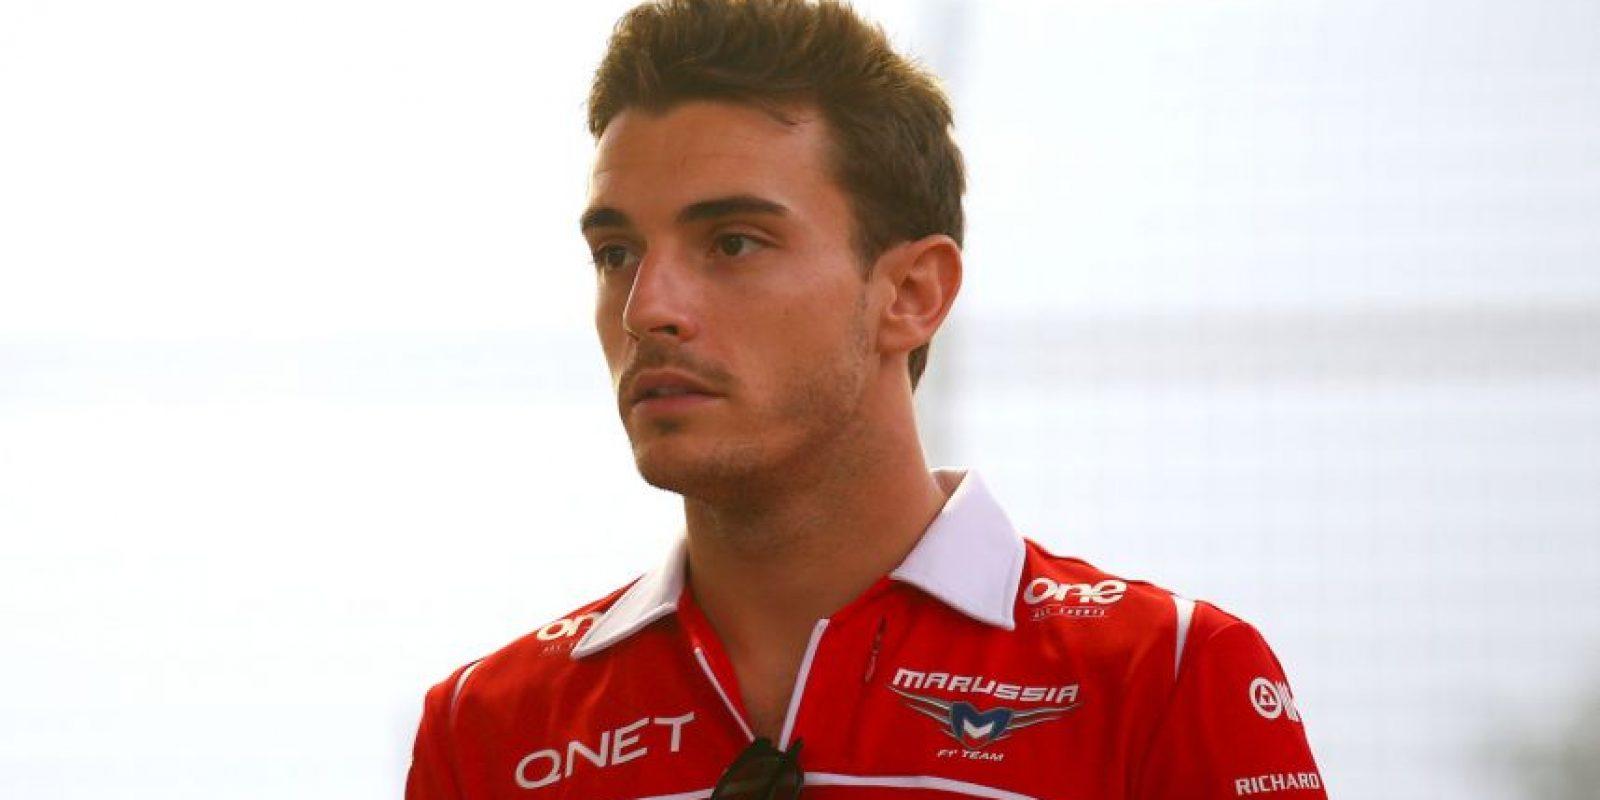 En el Gran Premio de Japón de la temporada 2014. el piloto de Marussia, Jules Bianchi, sufrió un accidente que lo tiene aún luchando entre la vida y la muerte. Foto:Getty Images